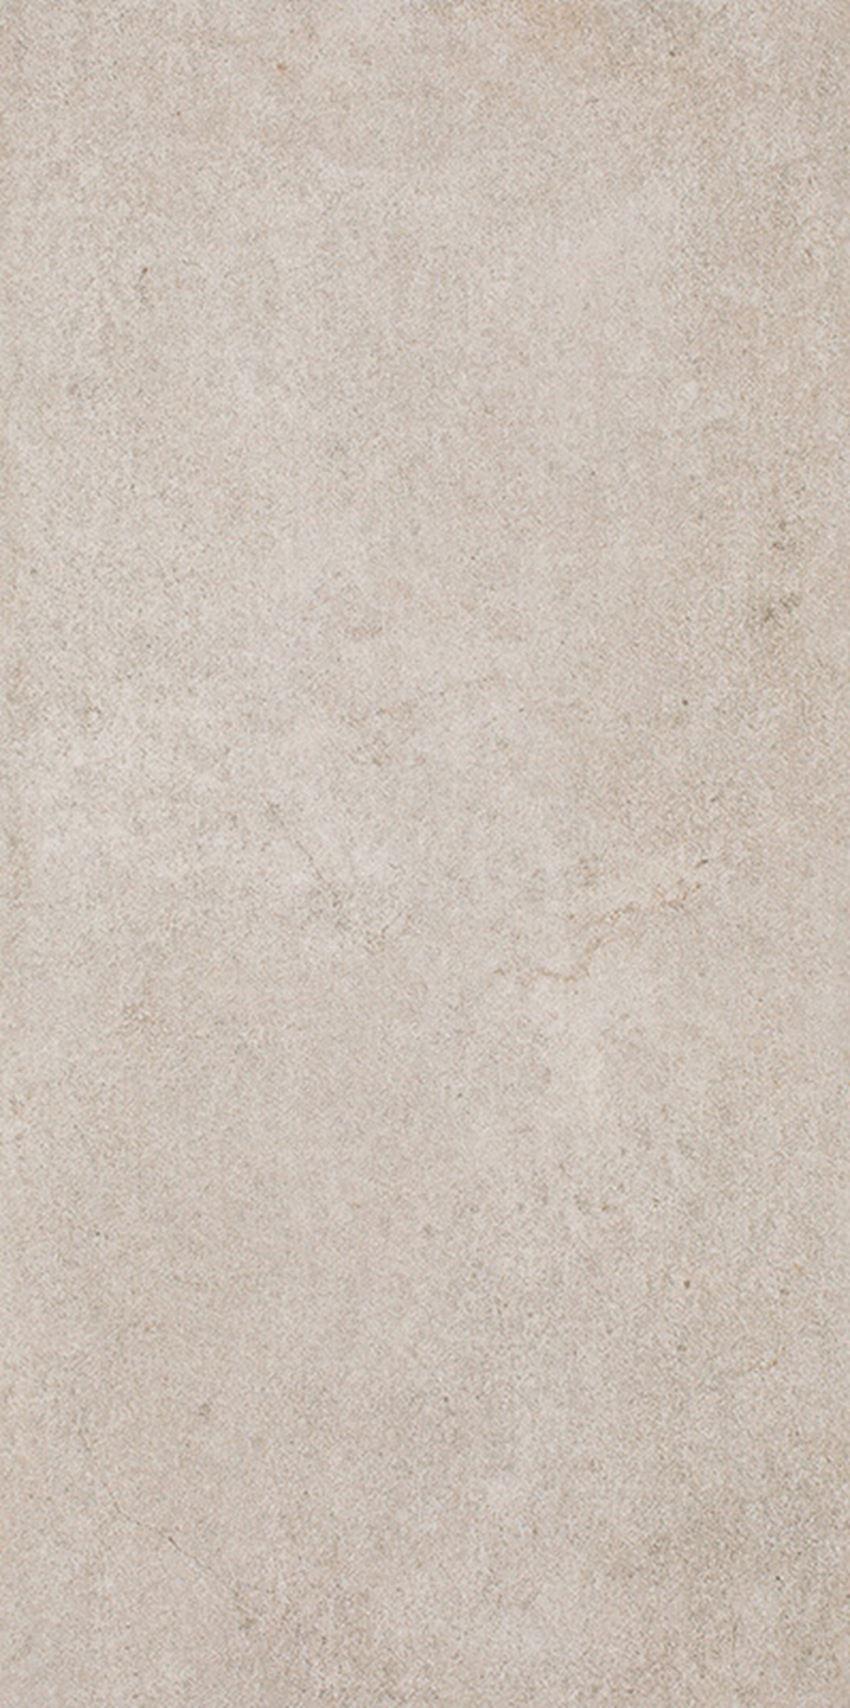 Płytka ścienno-podłogowa 29,8x59,8 cm Paradyż Riversand Beige Gres Szkl. Rekt. Mat.